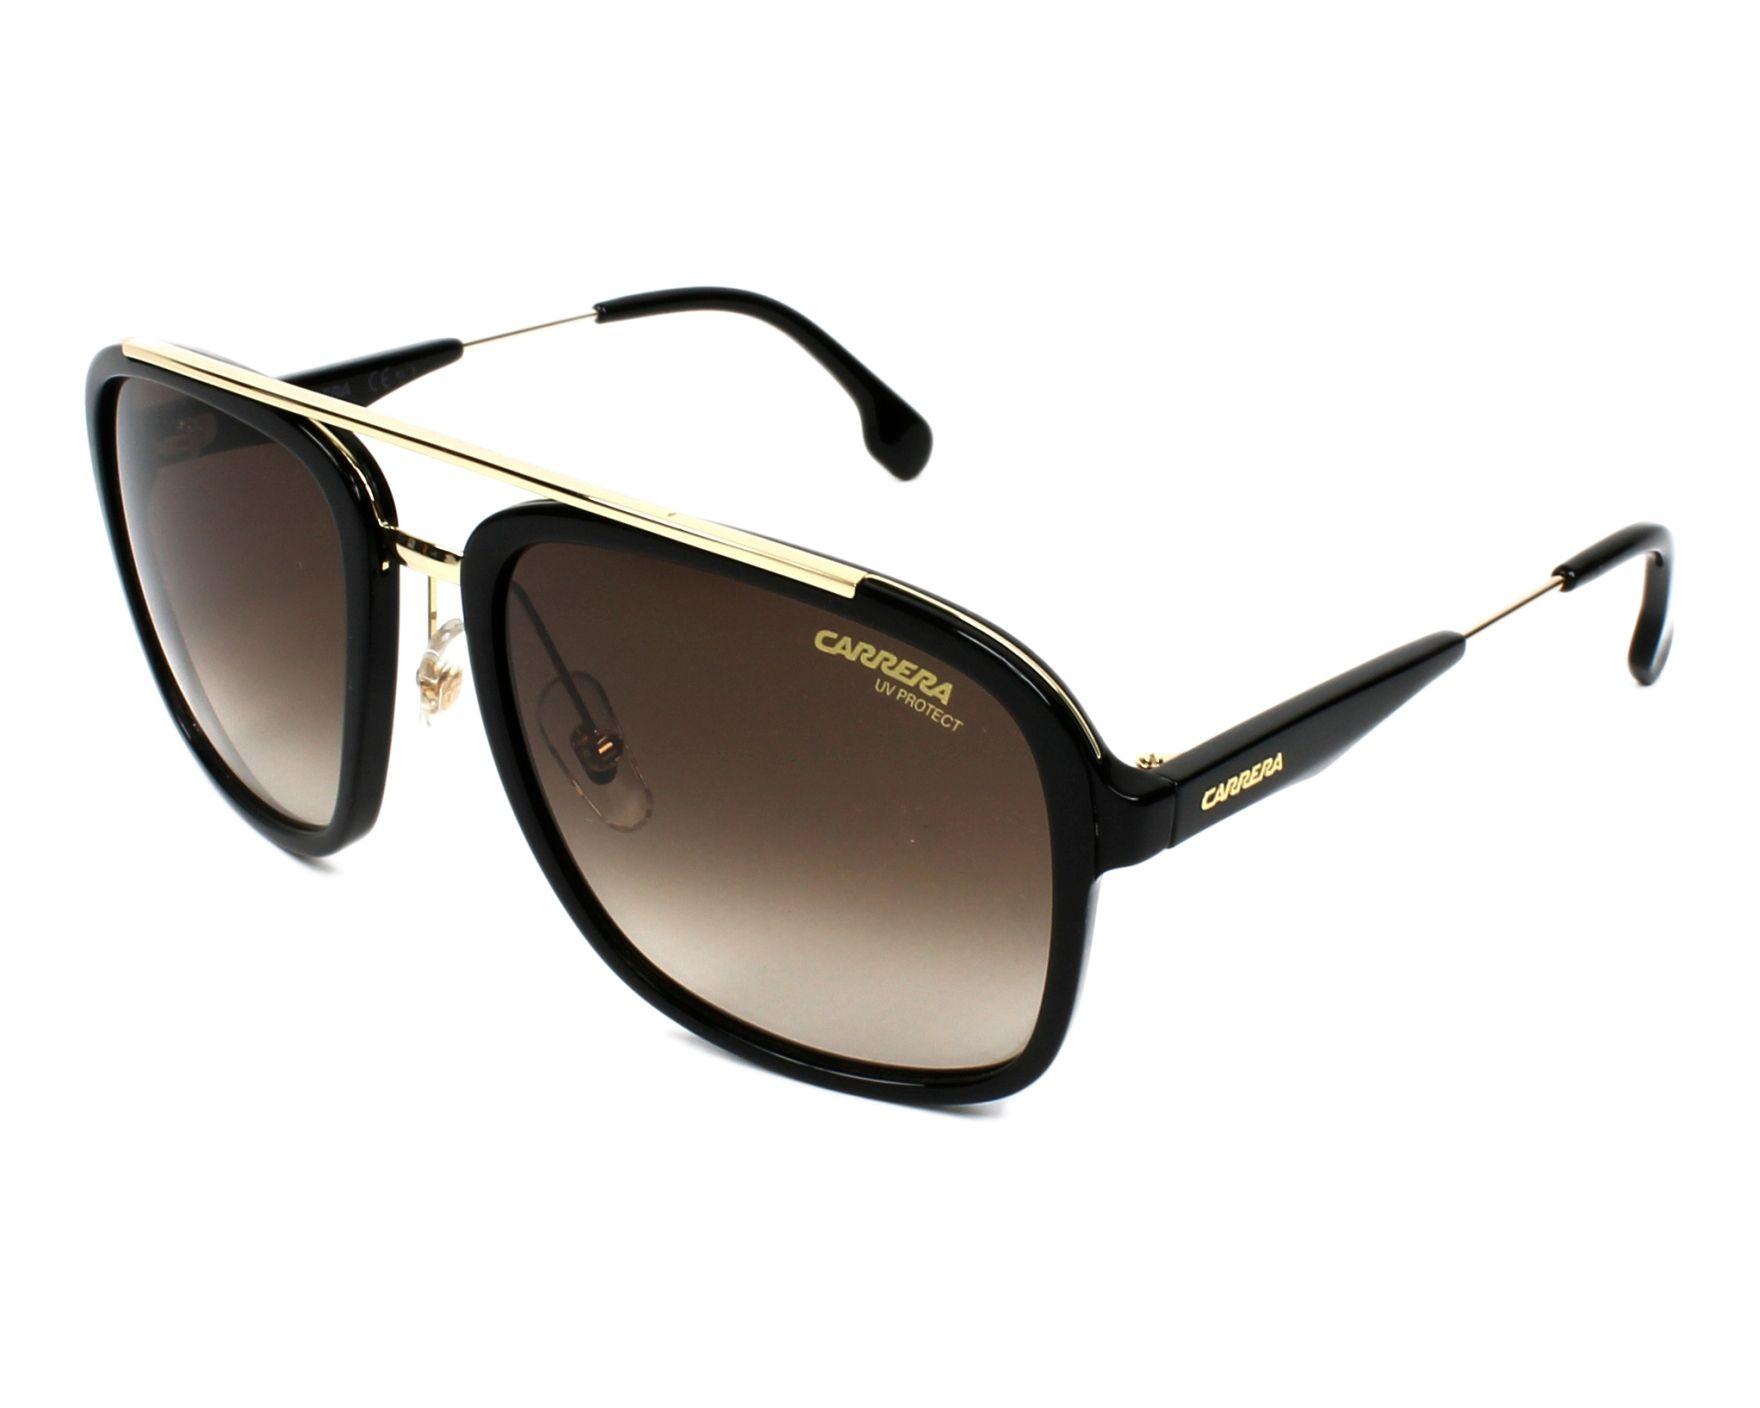 fabb95afc49dc3 Trouvez vos lunettes de soleil Carrera en promotion toute l année